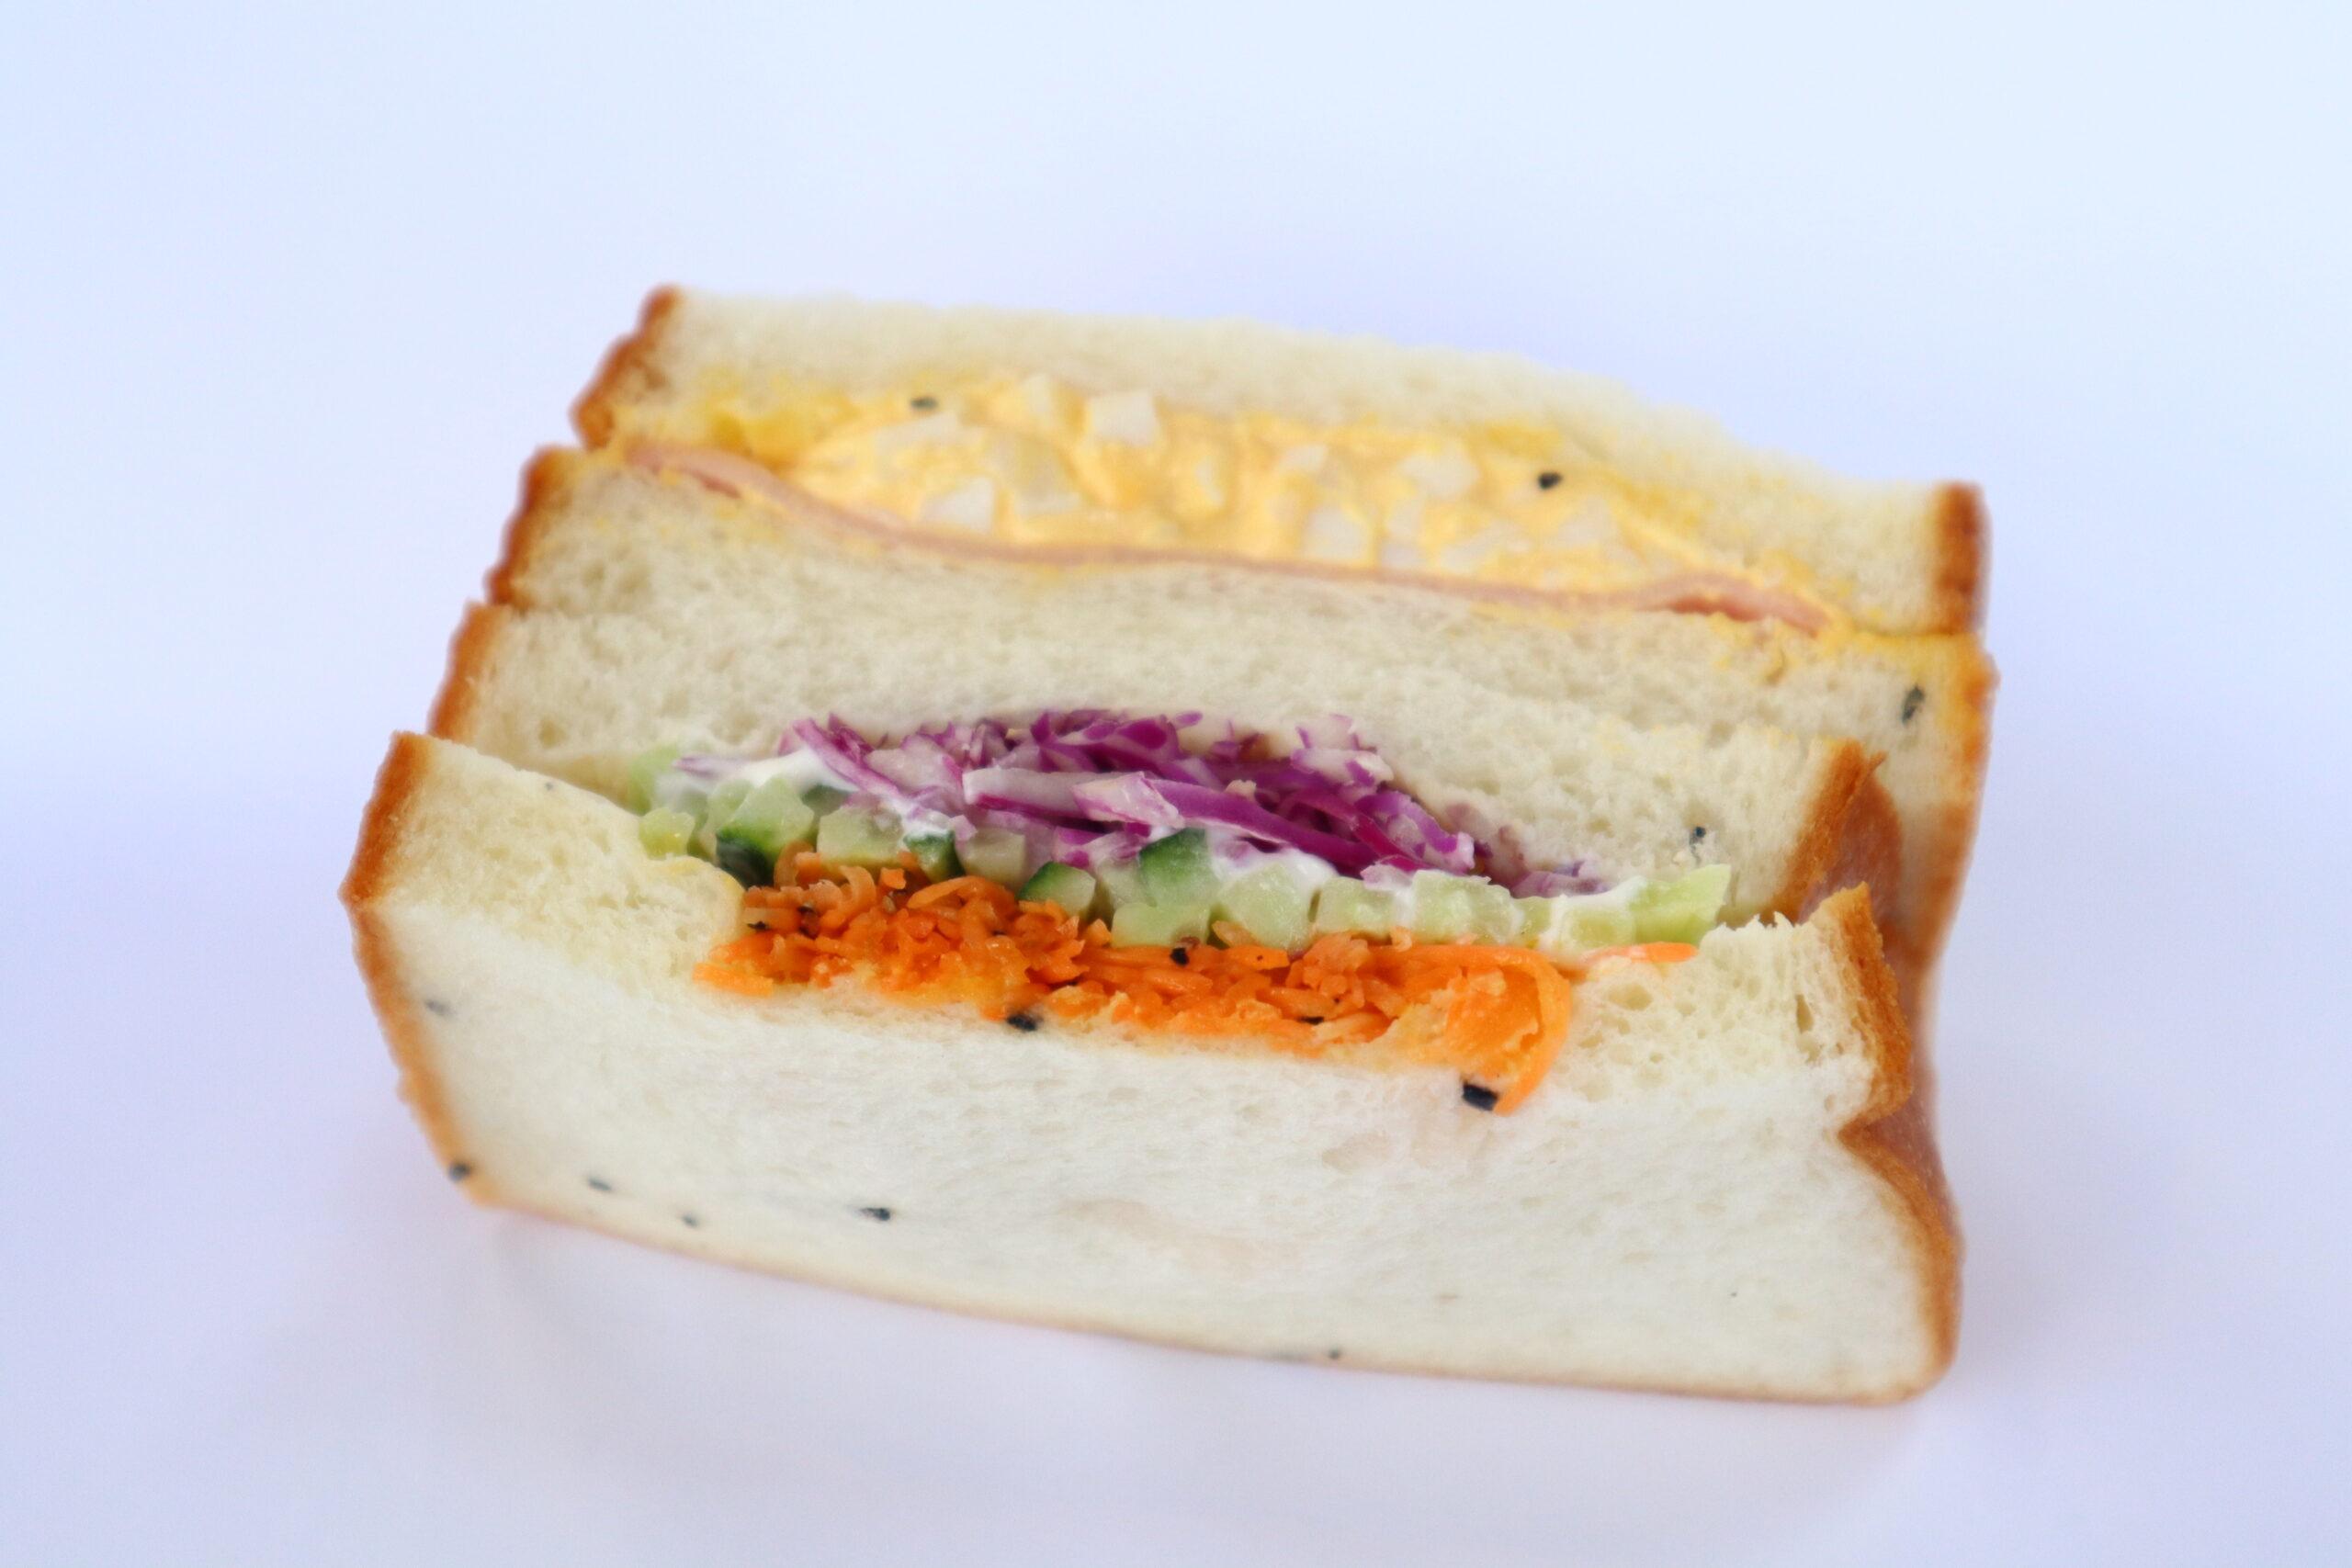 ごま食パンのサンドイッチハムたまご&野菜サンド